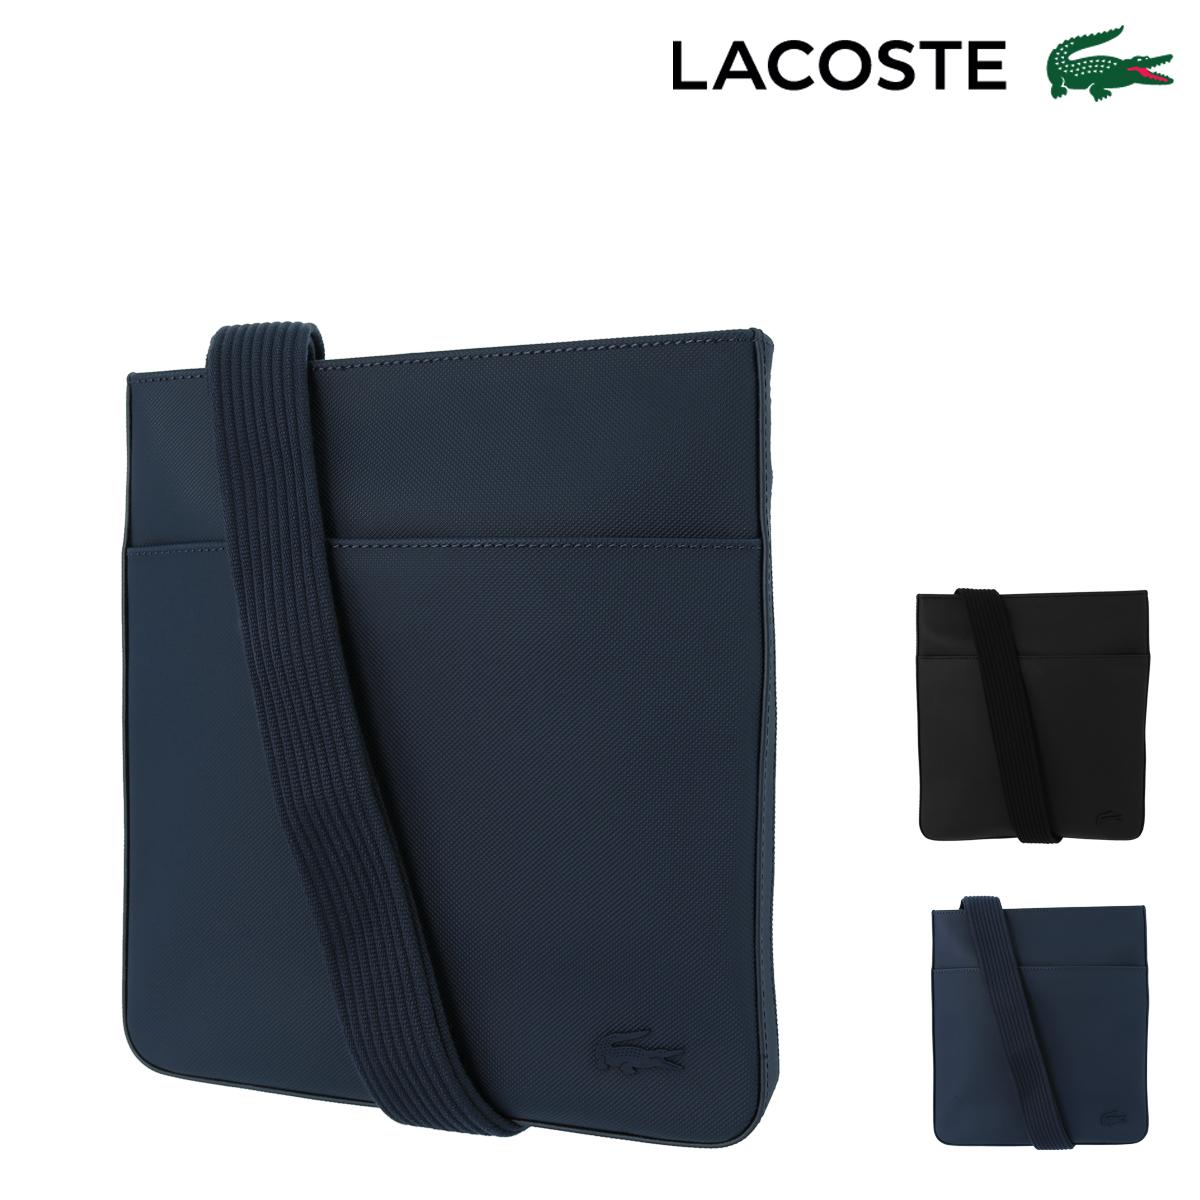 ラコステ ショルダーバッグ MEN'S CLASSIC メンズ NH2850H LACOSTE   エンボス スクエアバッグ[PO10][bef]